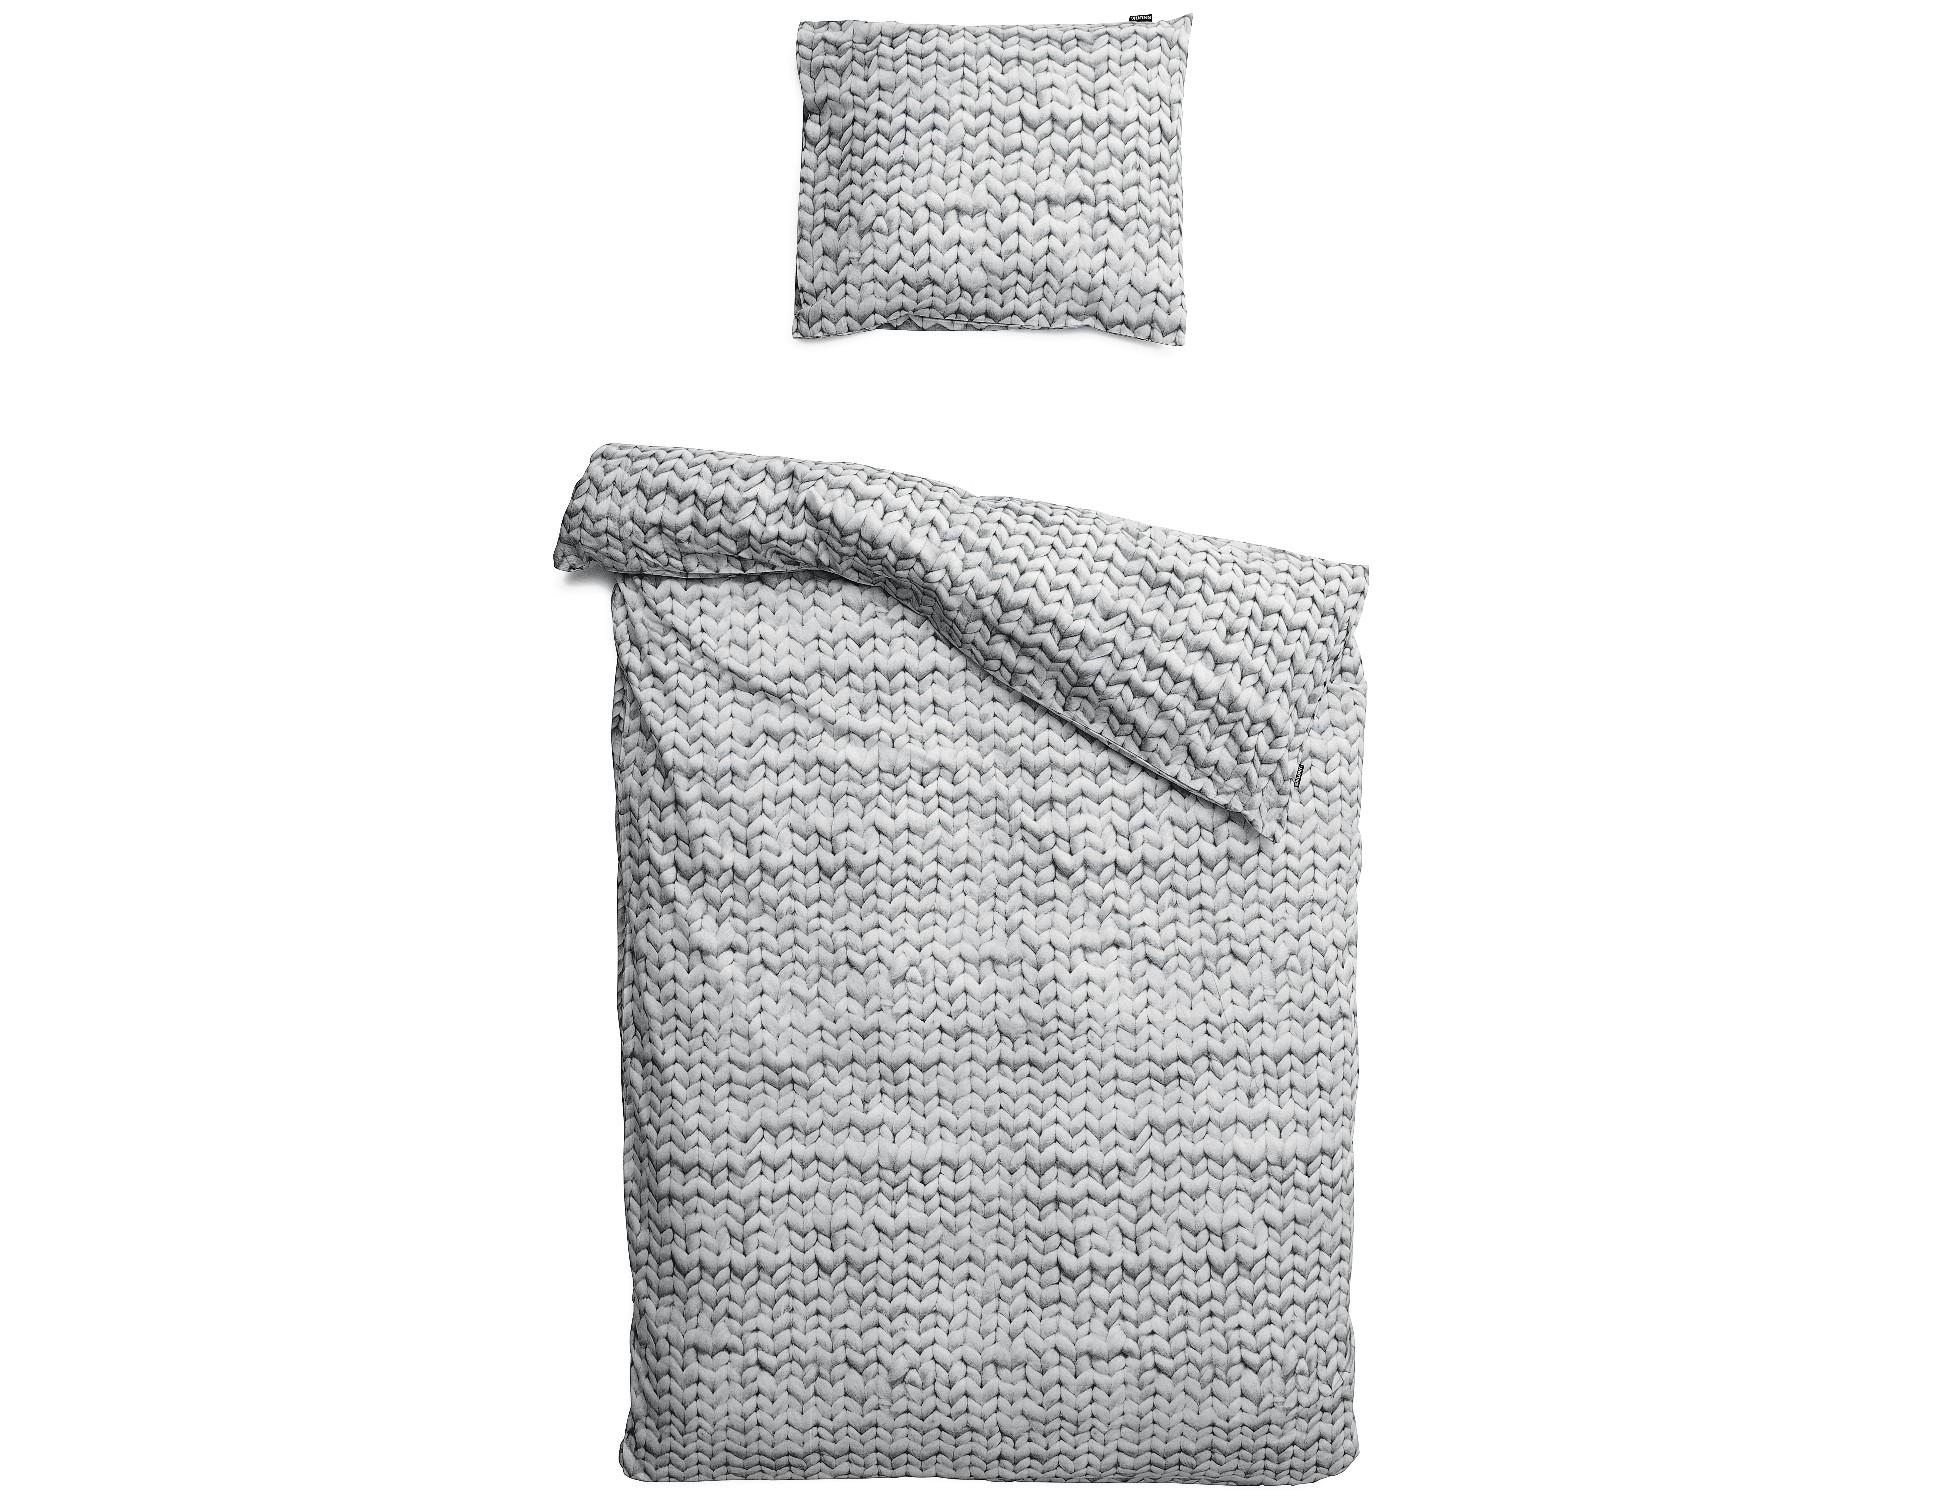 Комплект постельного белья Косичка серый ФЛАНЕЛЬПолутороспальные комлпекты постельного белья<br>Этот мягкий узор связан очень большими спицами, а клубки шерсти были размером с баскетбольные мячи. Все для того, что бы внести уют и тепло в вашу спальню в холодные зимние ночи.&amp;amp;nbsp;&amp;lt;div&amp;gt;&amp;lt;br&amp;gt;&amp;lt;/div&amp;gt;&amp;lt;div&amp;gt;В комплект входит: пододеяльник 150х200 см - 1 шт, наволочка 50х70 см - 1 шт.&amp;lt;/div&amp;gt;<br><br>Material: Текстиль<br>Length см: 200<br>Width см: 150